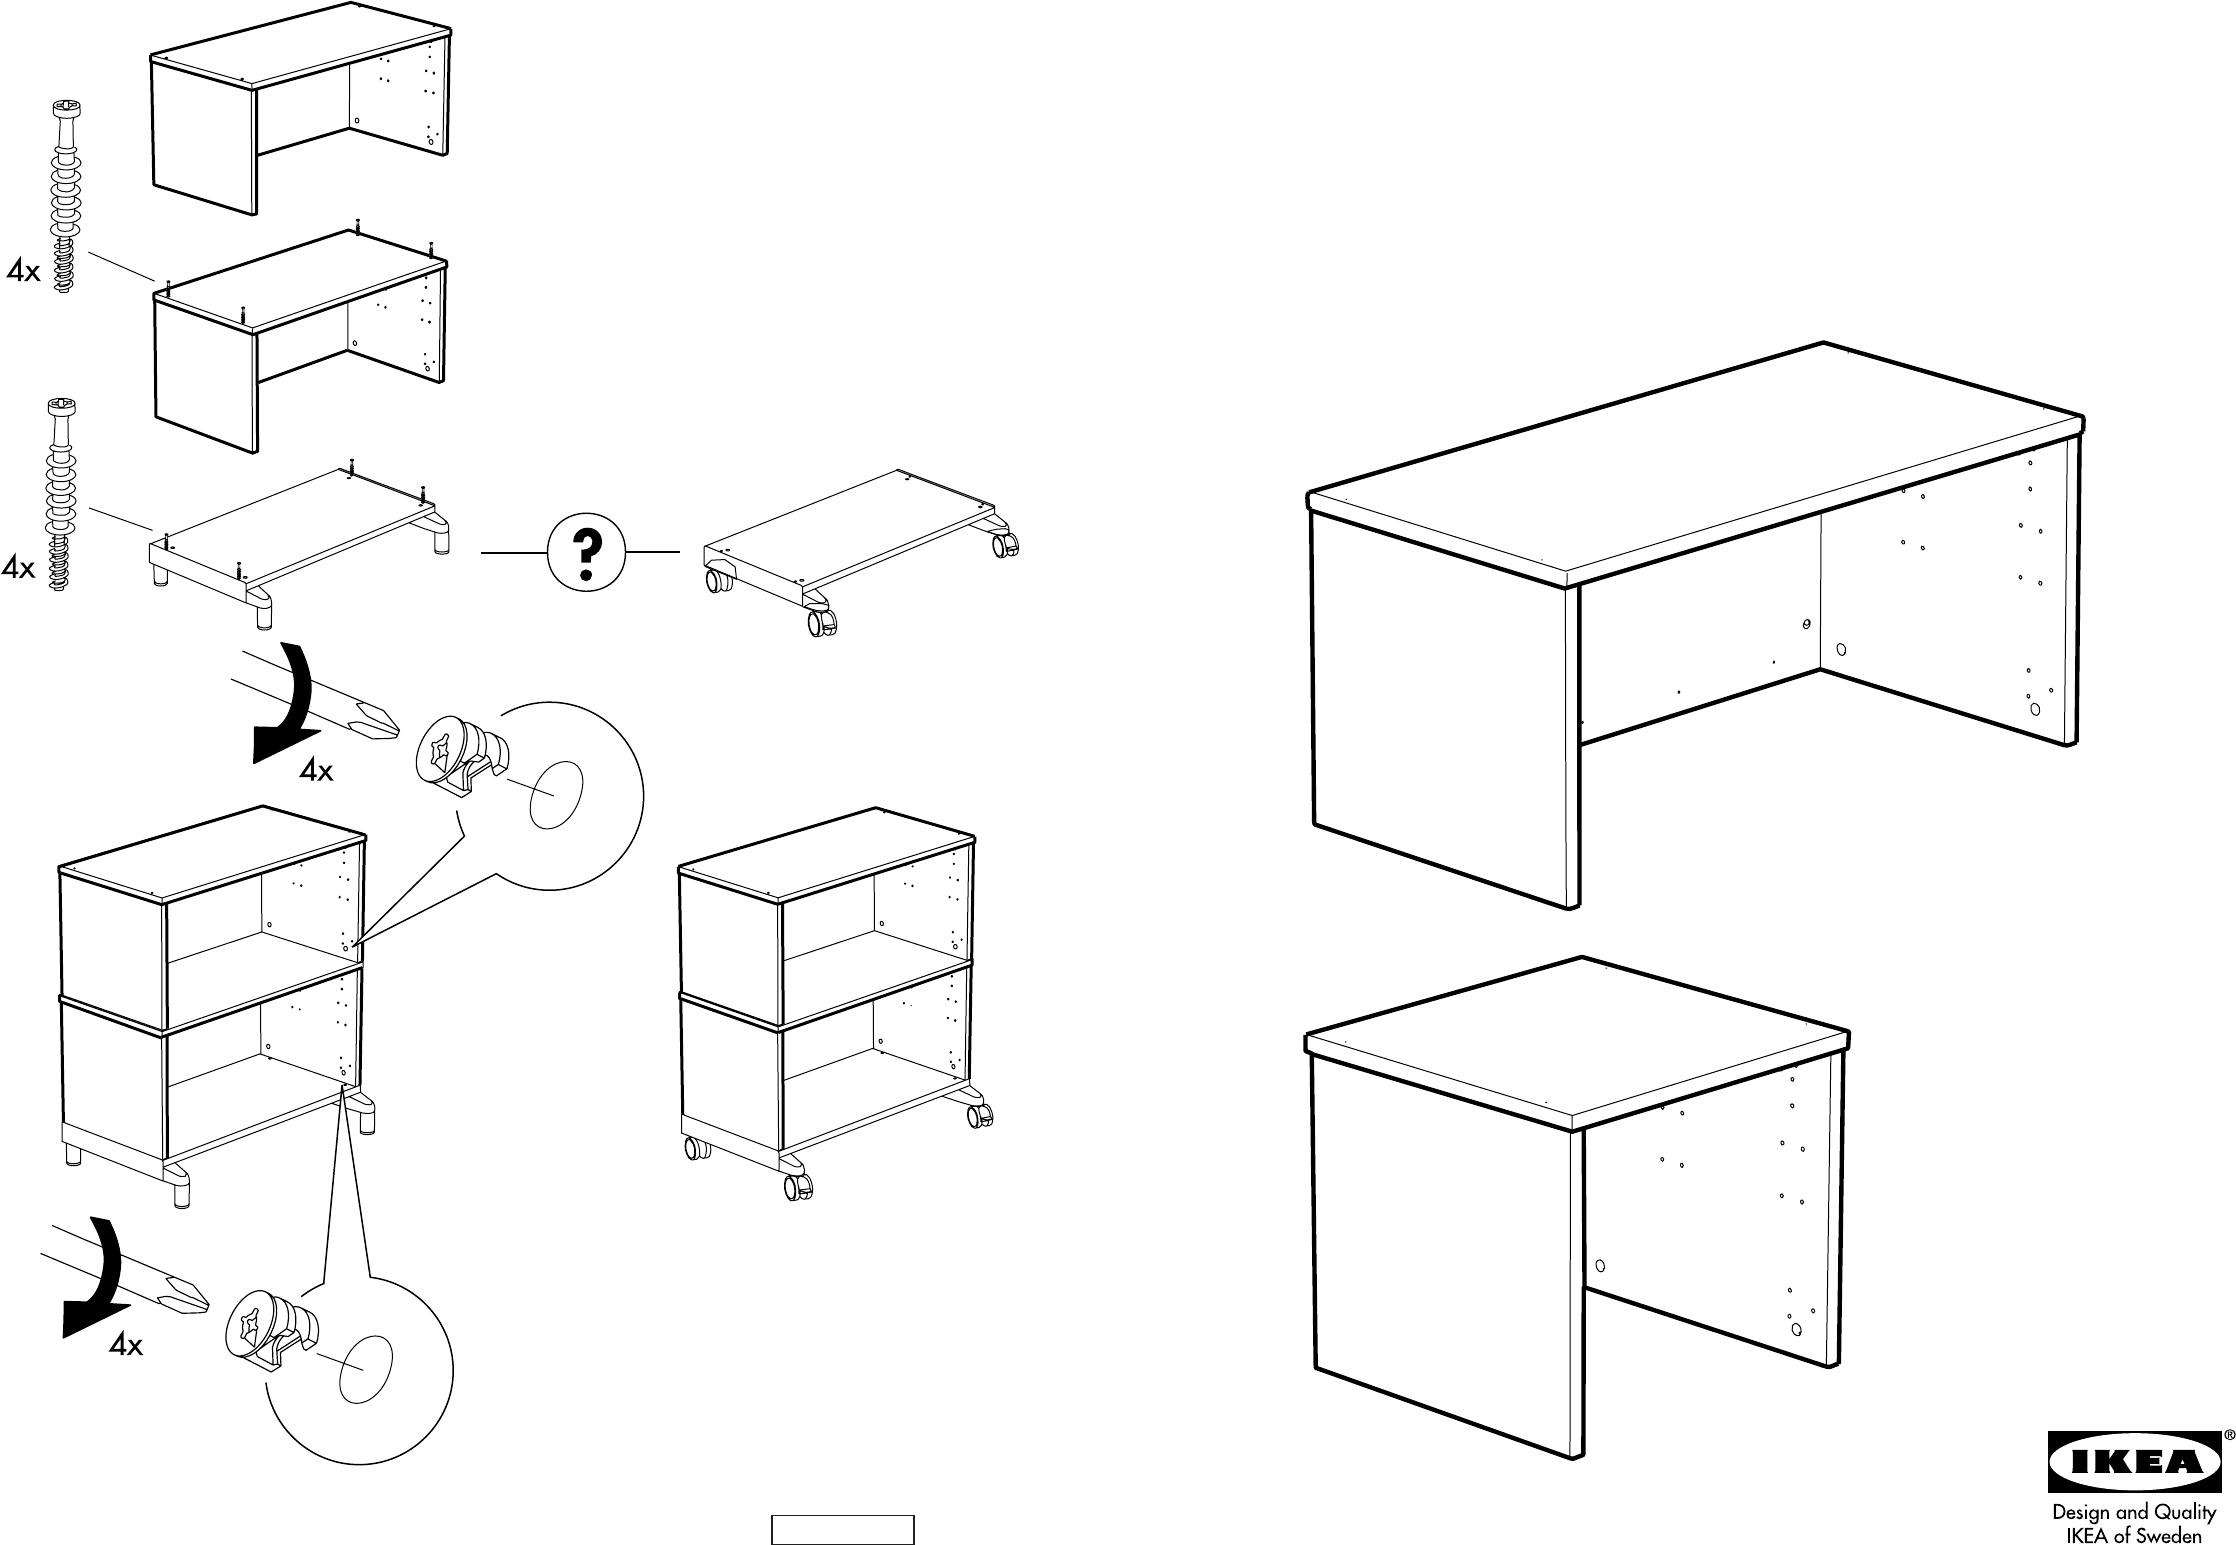 ikea effektiv ikea effektiv espresso drawer lateral file. Black Bedroom Furniture Sets. Home Design Ideas